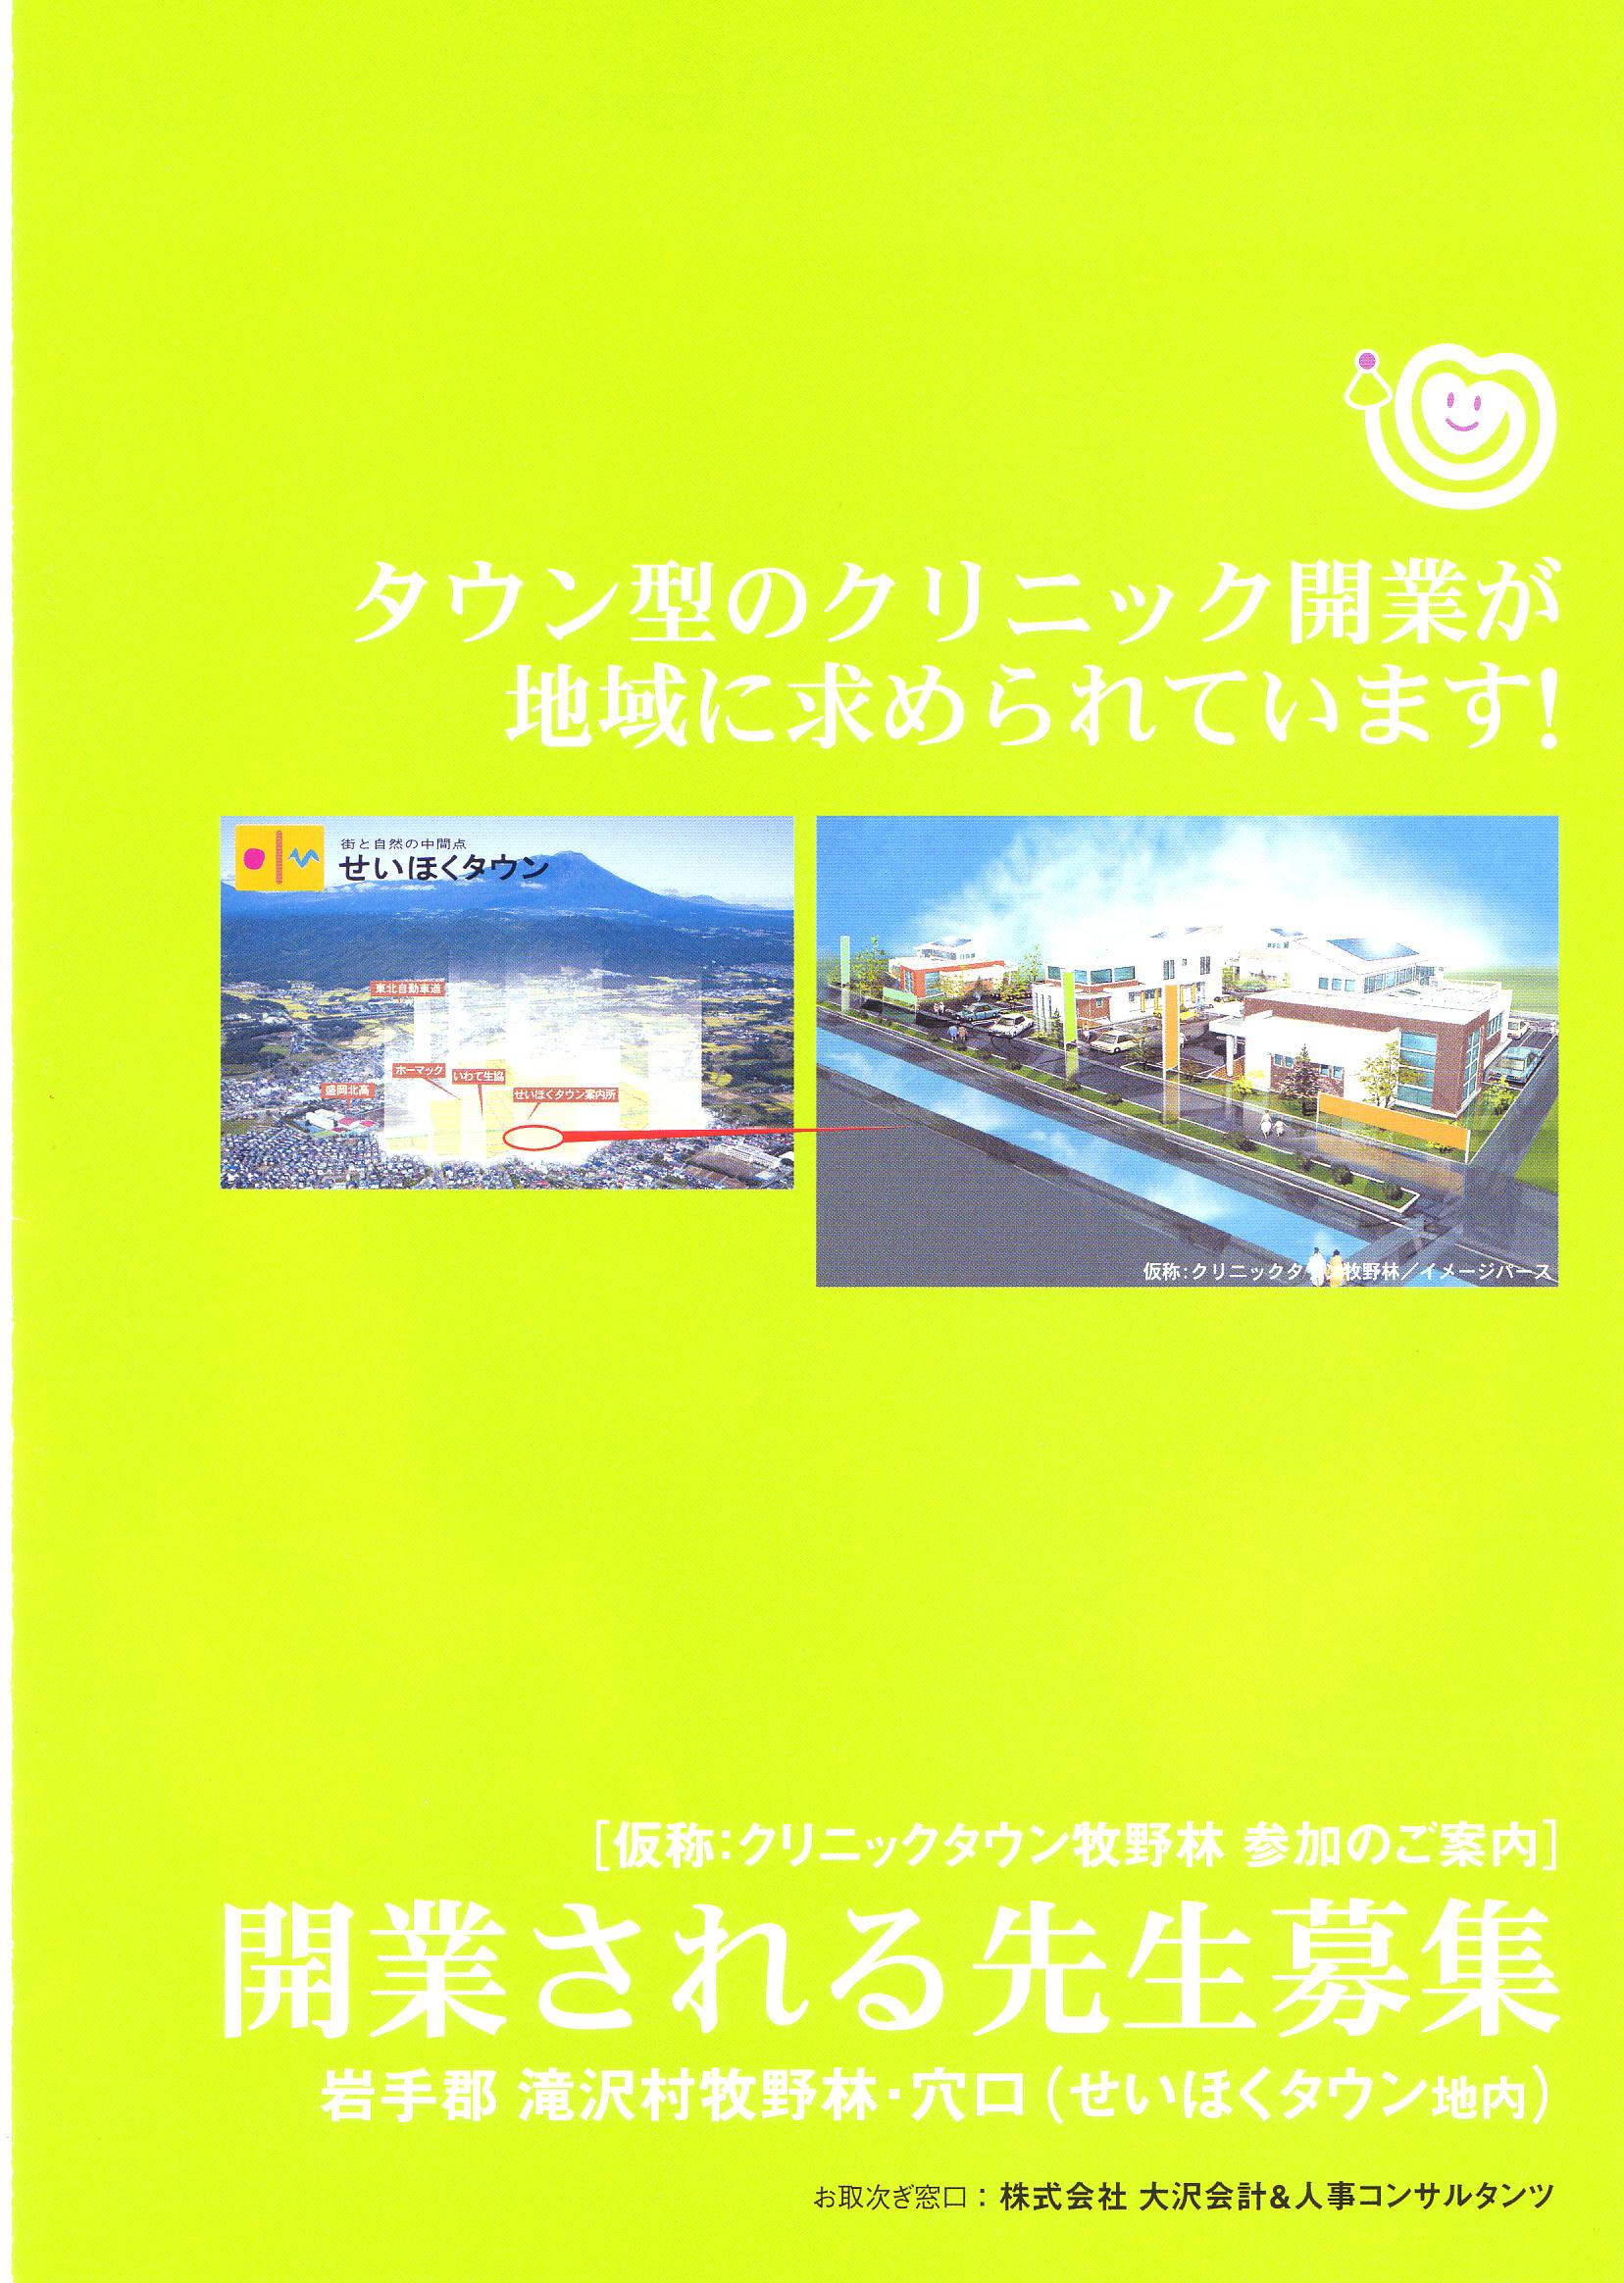 201010121123218165.jpg